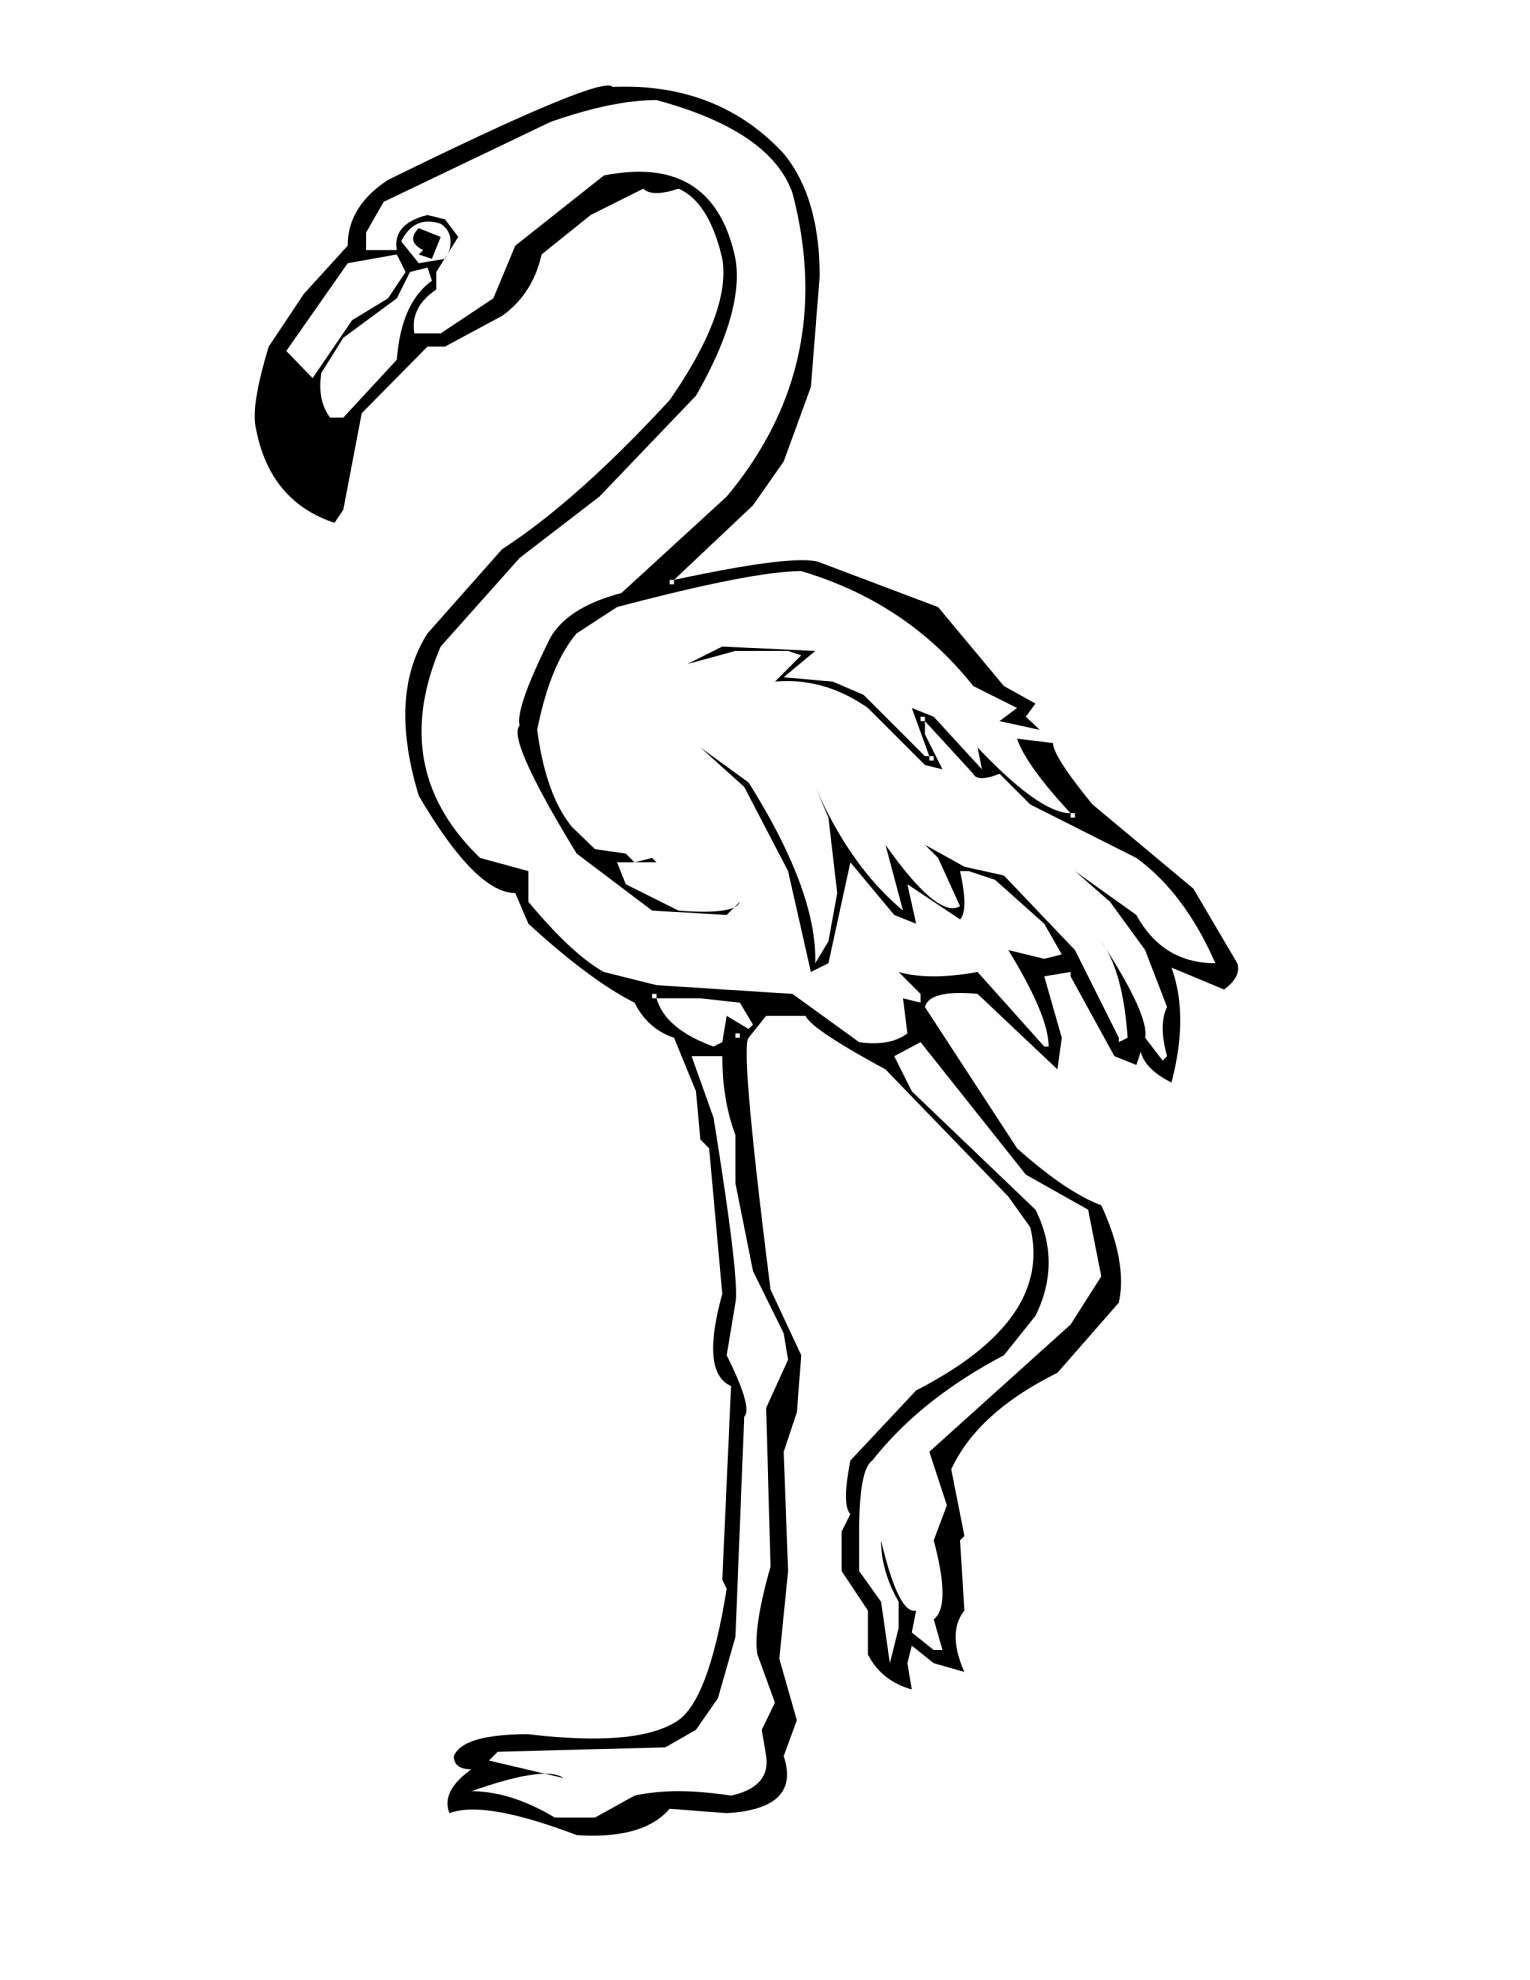 28 Ausmalbilder flamingo-Ideen  ausmalbilder, ausmalen, flamingo